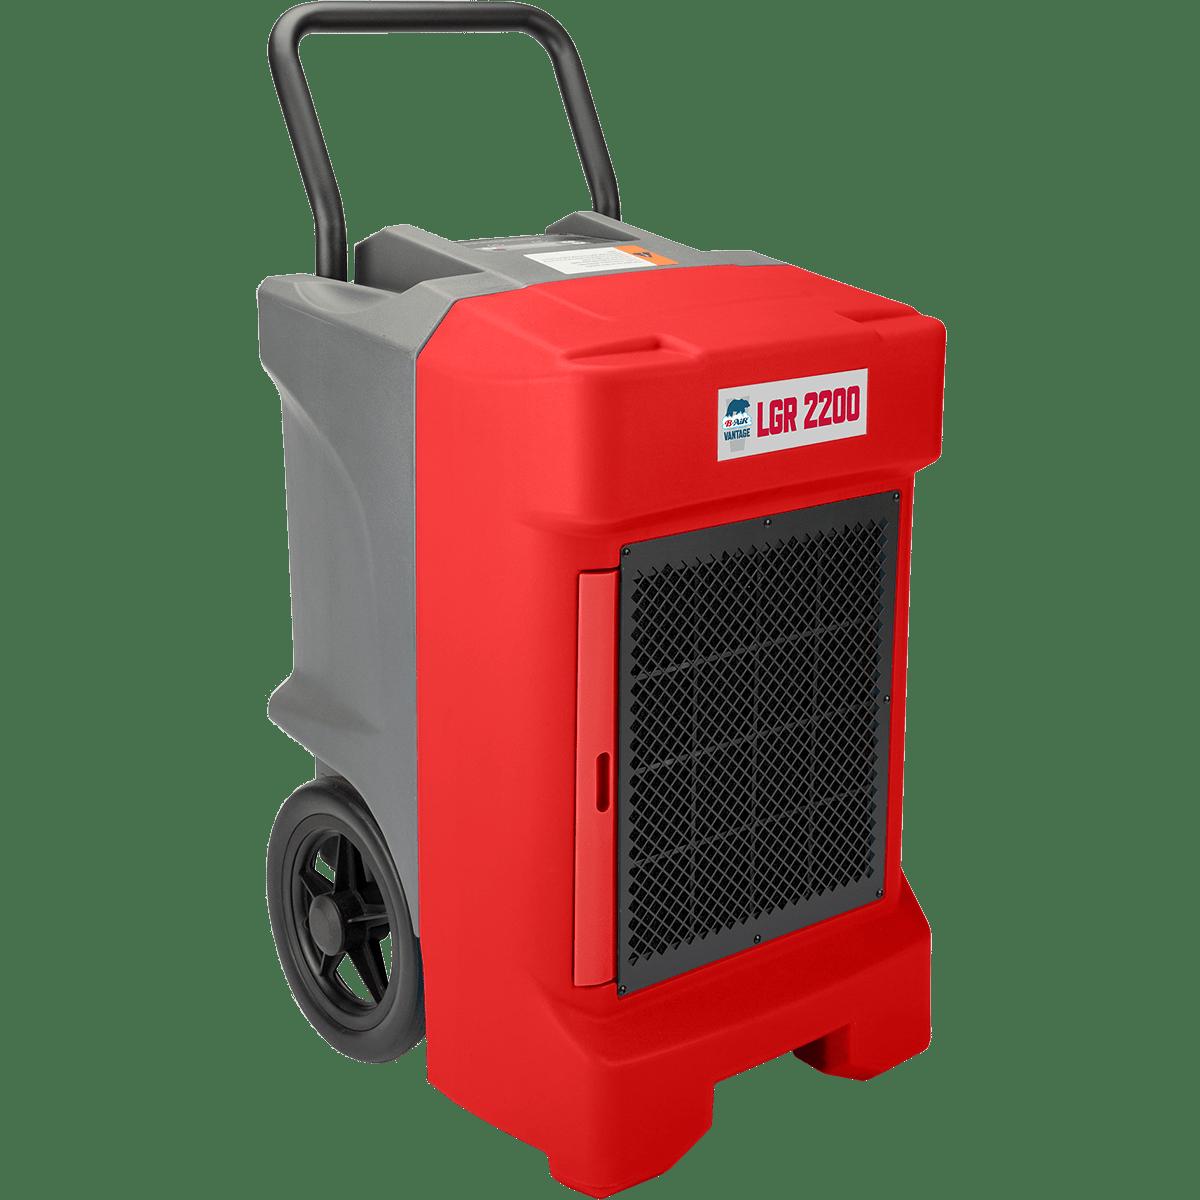 B-air Vantage Lgr 2200 Dehumidifier